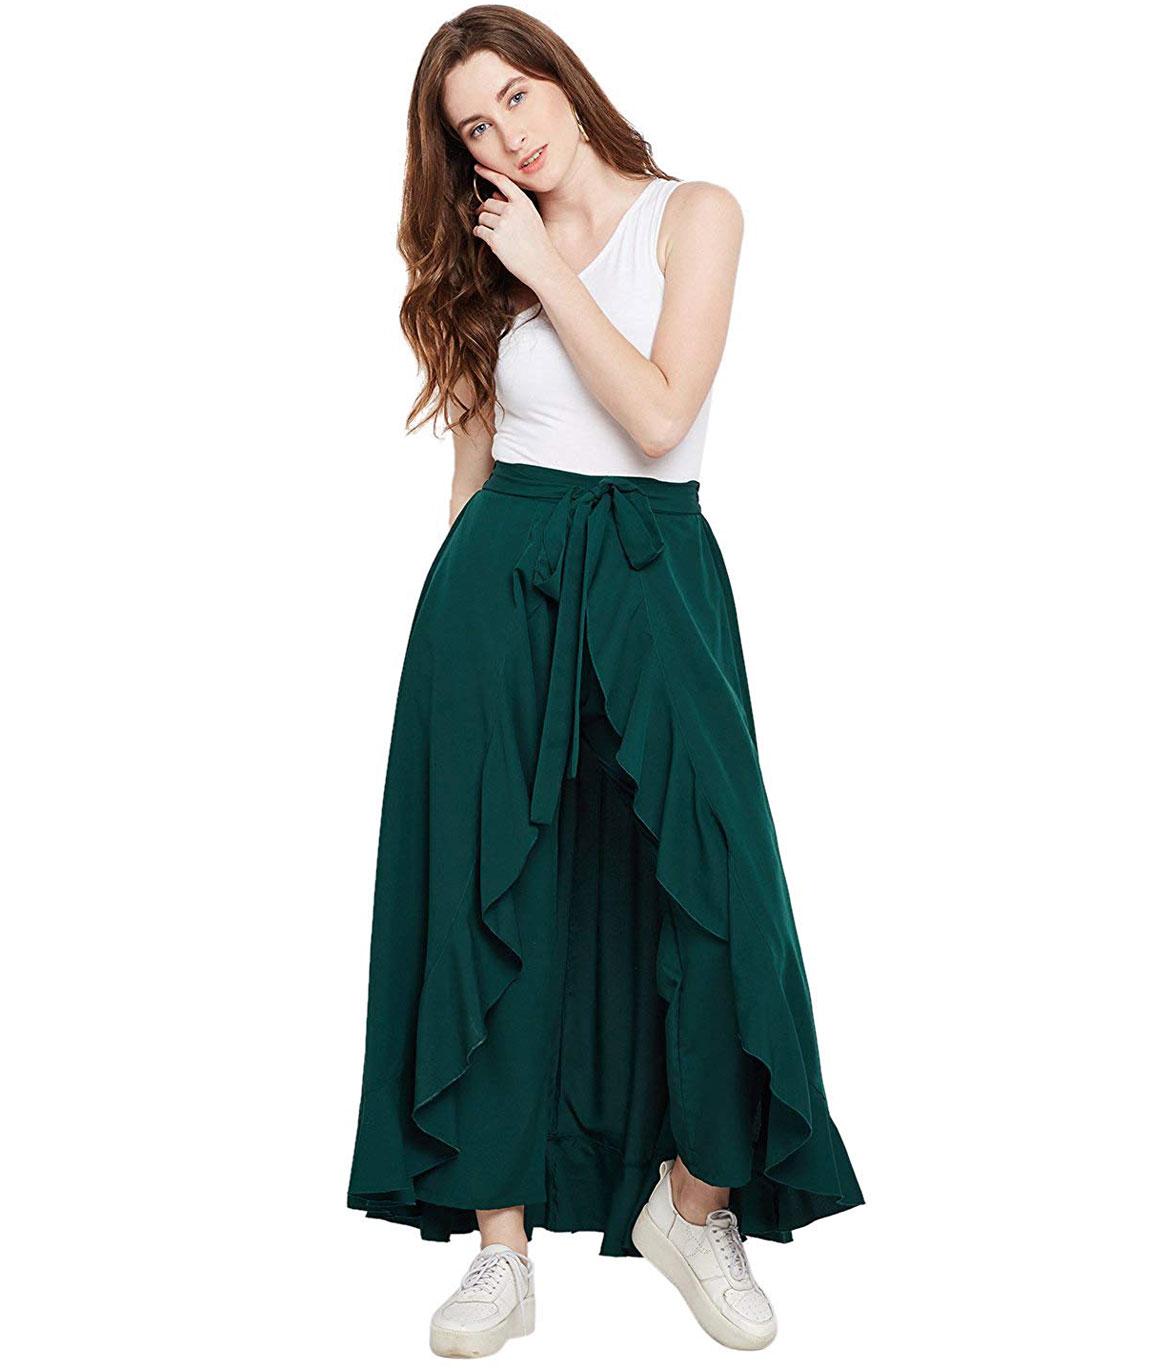 women Women`s Ruffle Palazzo Skirt(olive green)